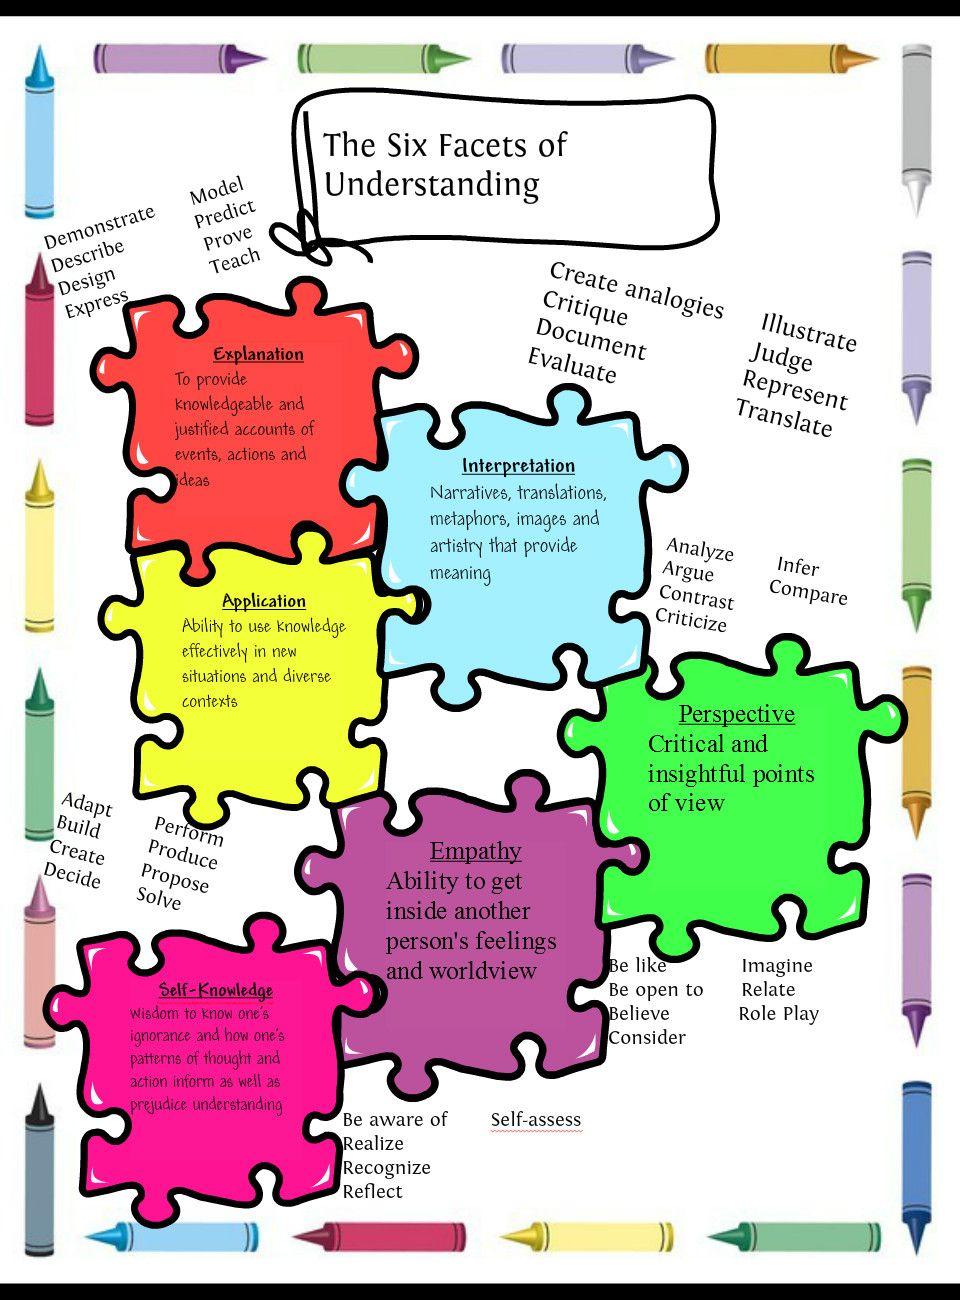 6 facets of understanding understanding by design ubd 6 facets of understanding fandeluxe Choice Image